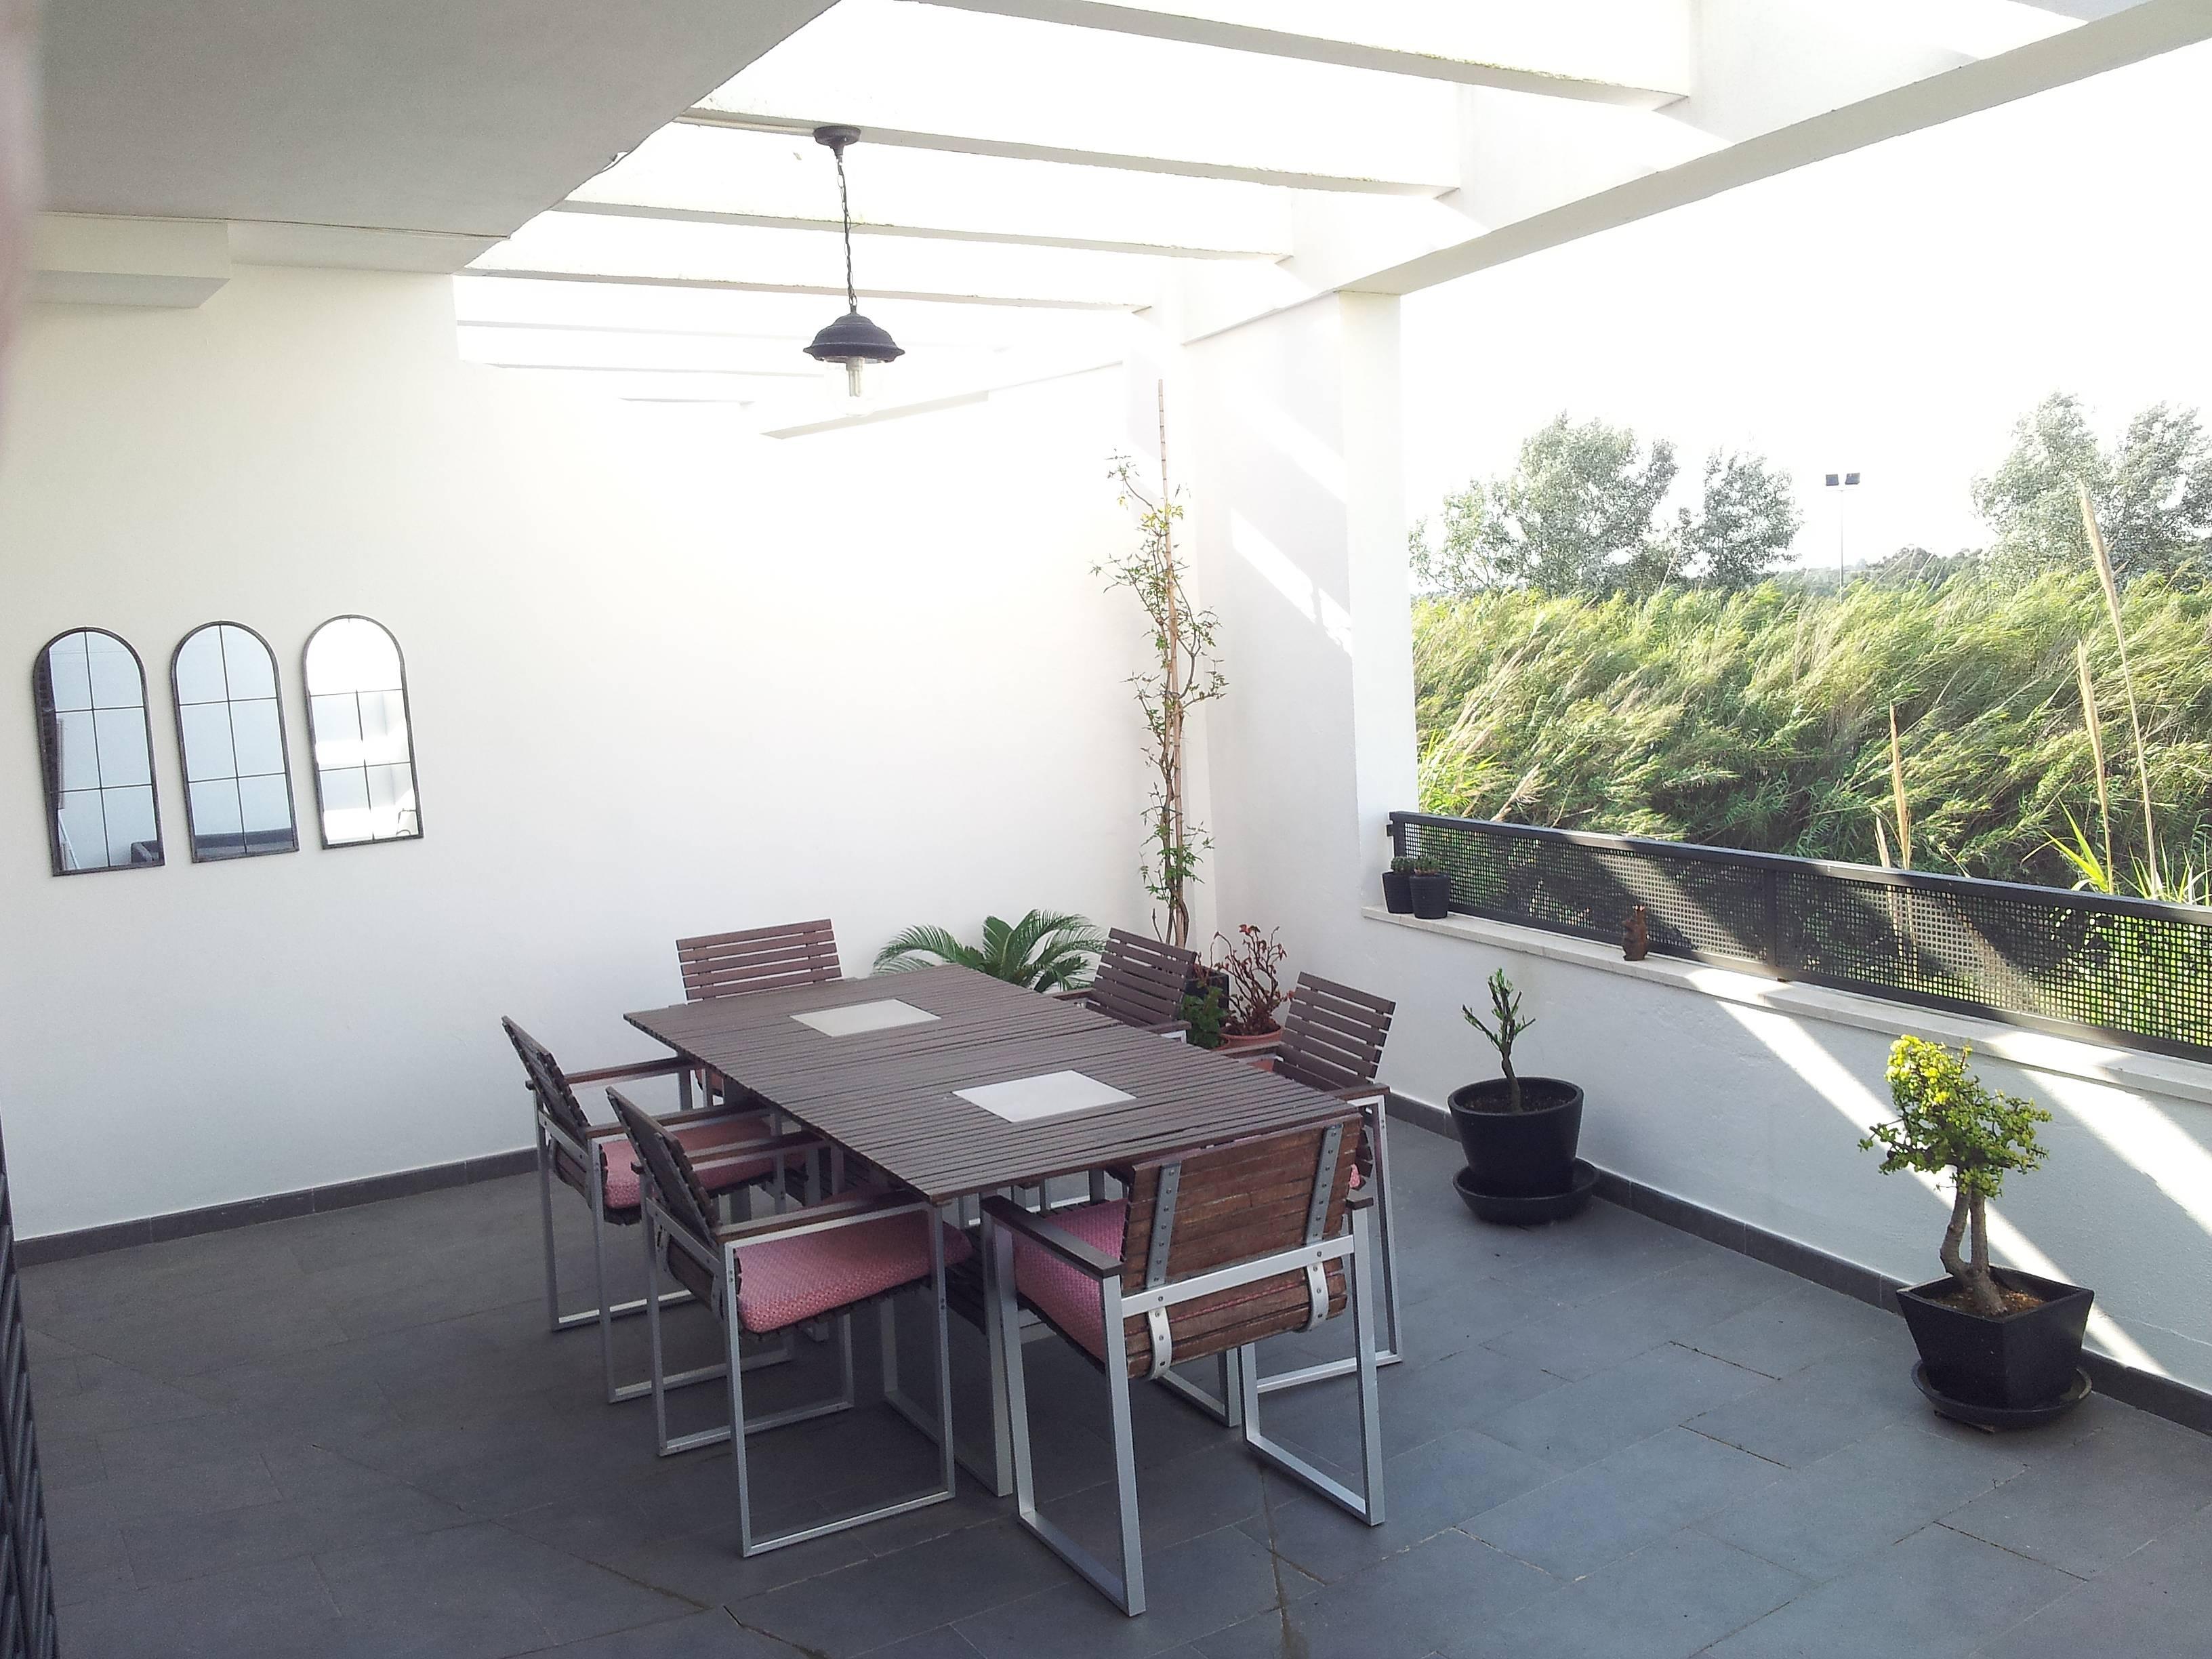 wohnung zur miete 1500 meter bis zum strand la. Black Bedroom Furniture Sets. Home Design Ideas